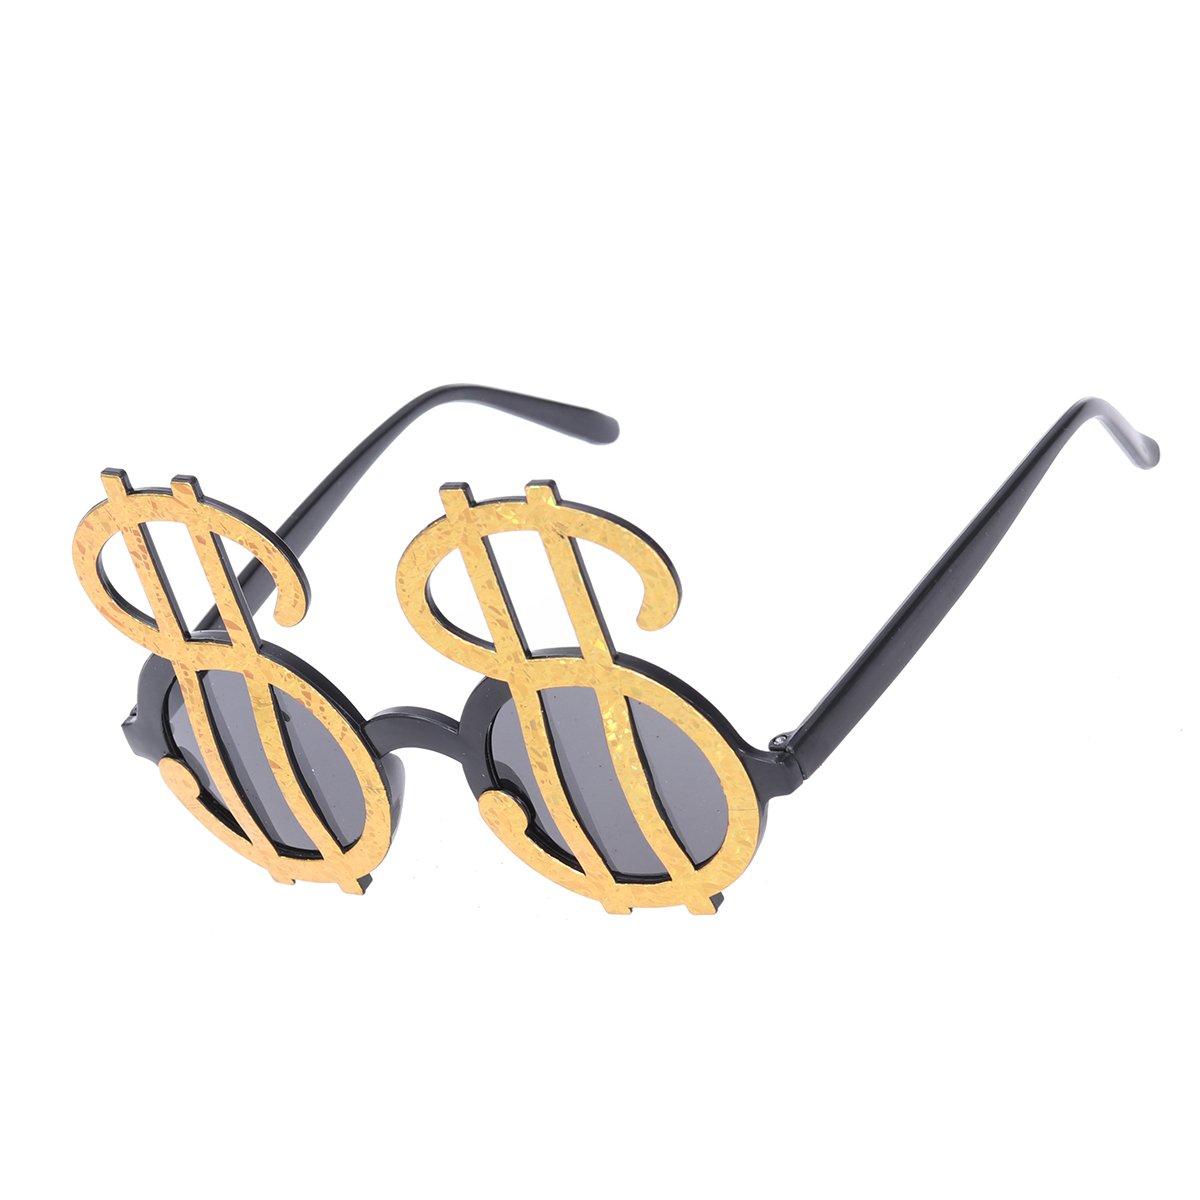 Novità Occhiali da vista Tinksky Plastic Dollar Symbol Design Occhiali da sole Party Favors Occhiali da vista Forniture per Halloween Masquerade (Golden) rY4euftn